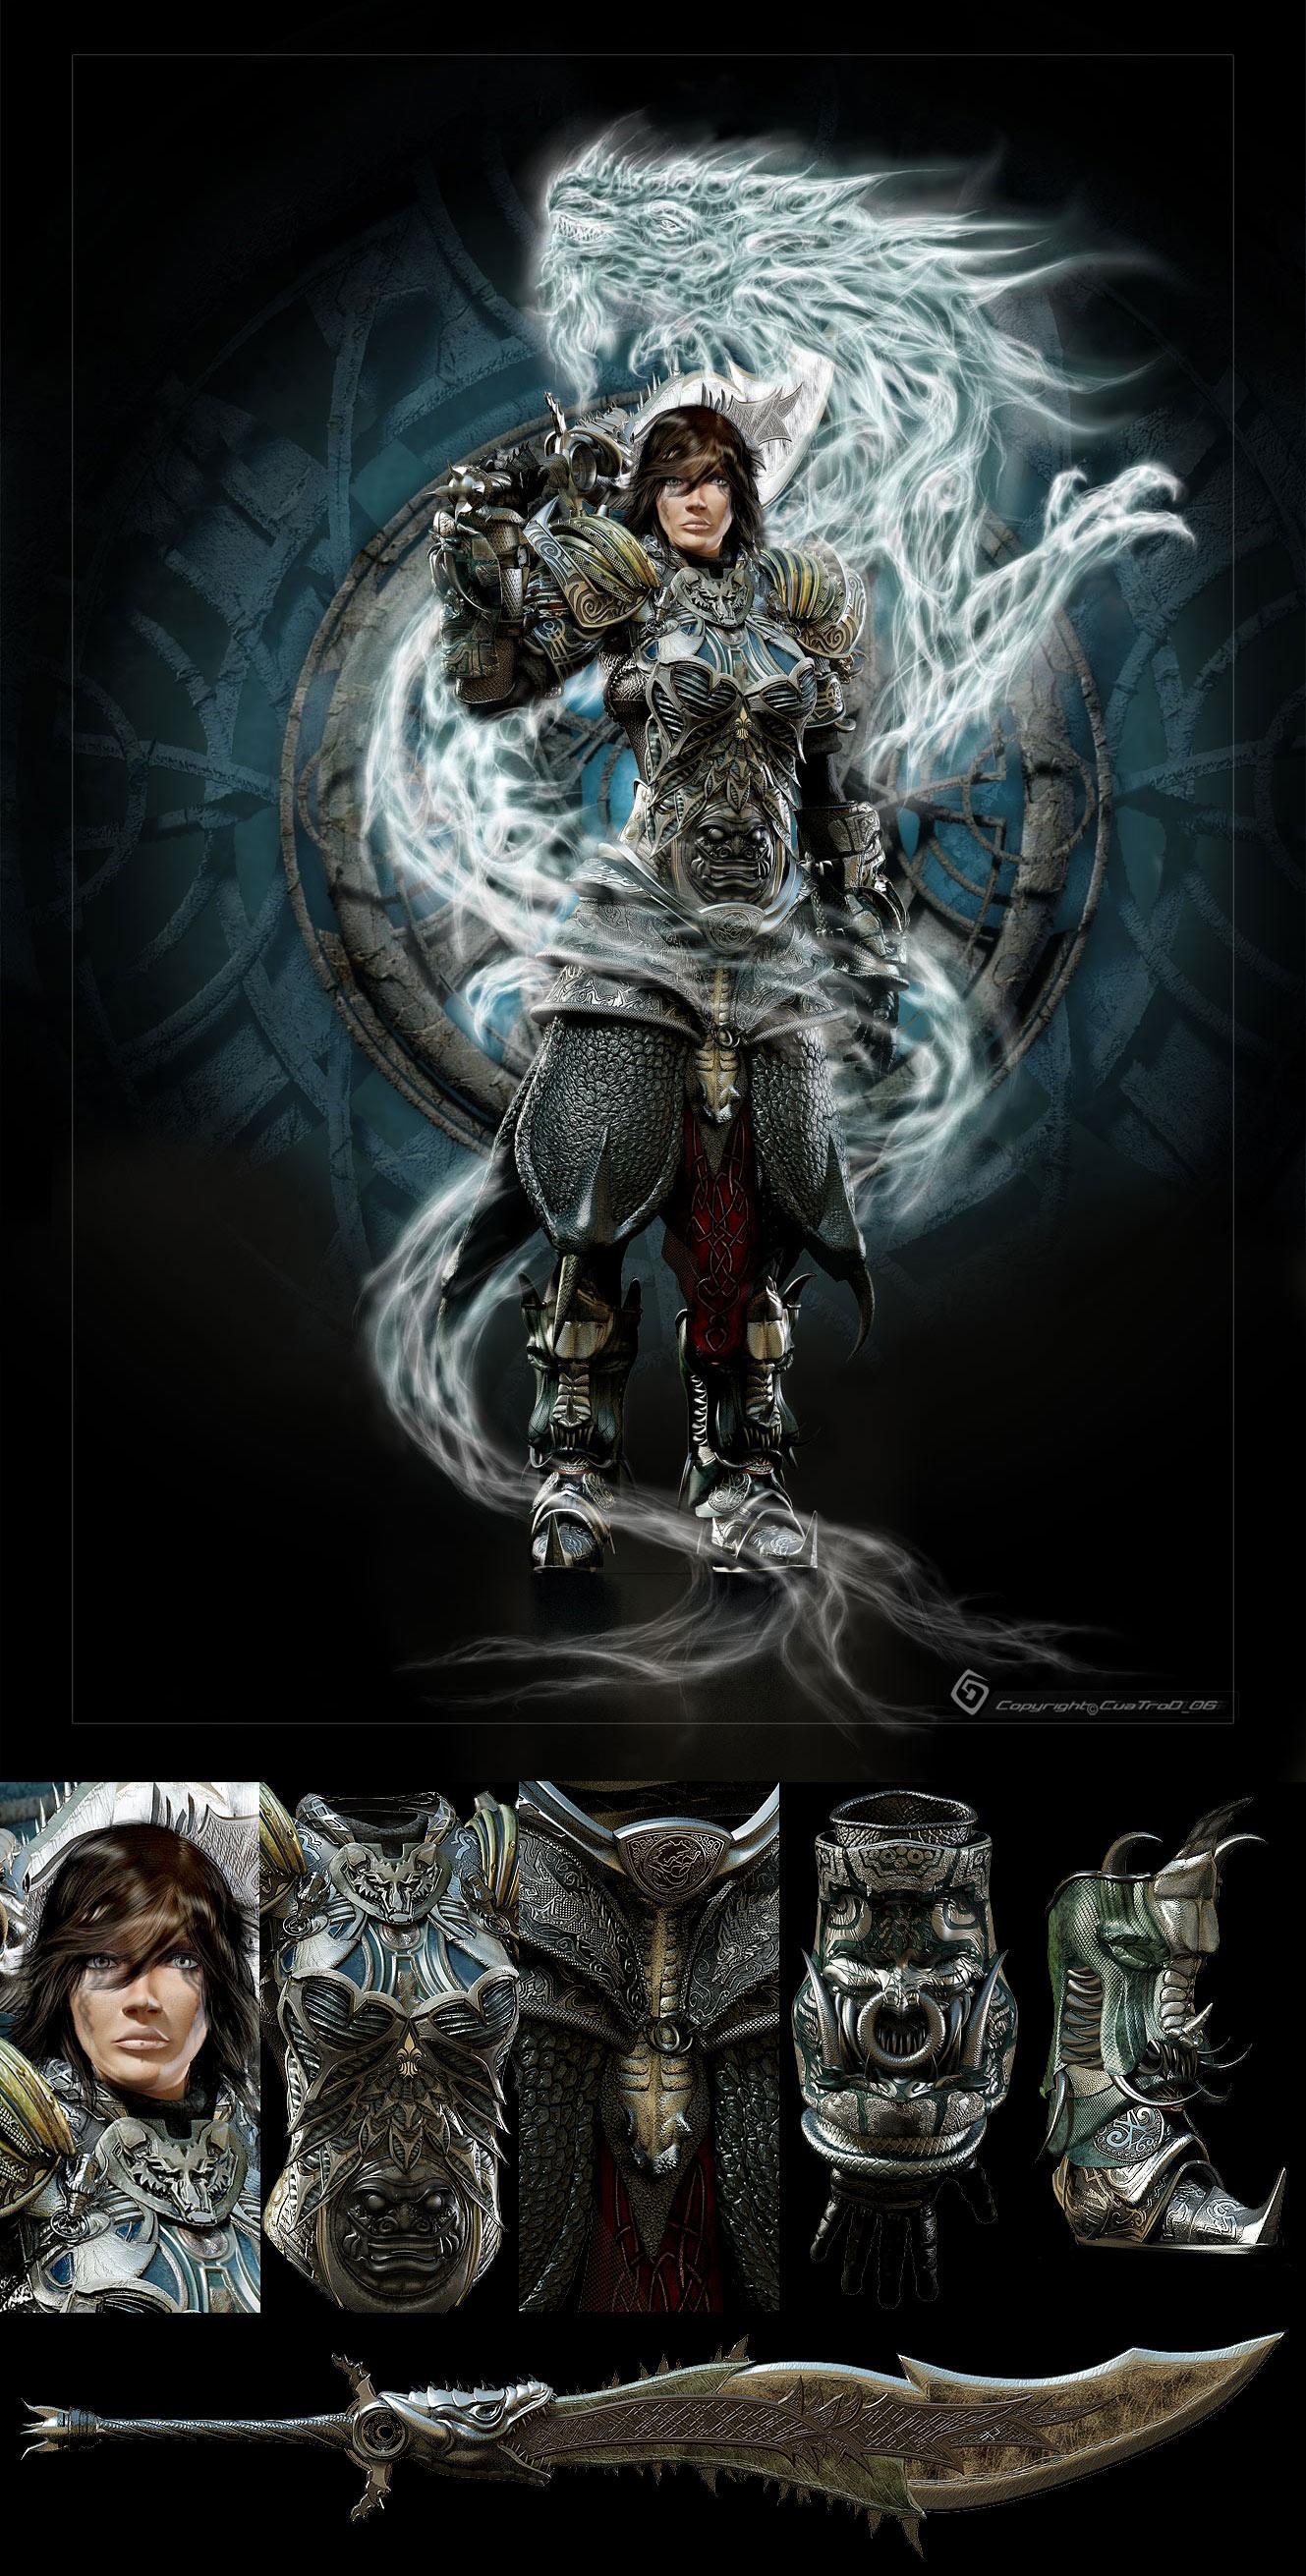 Warrior-Dragon by cuatrod